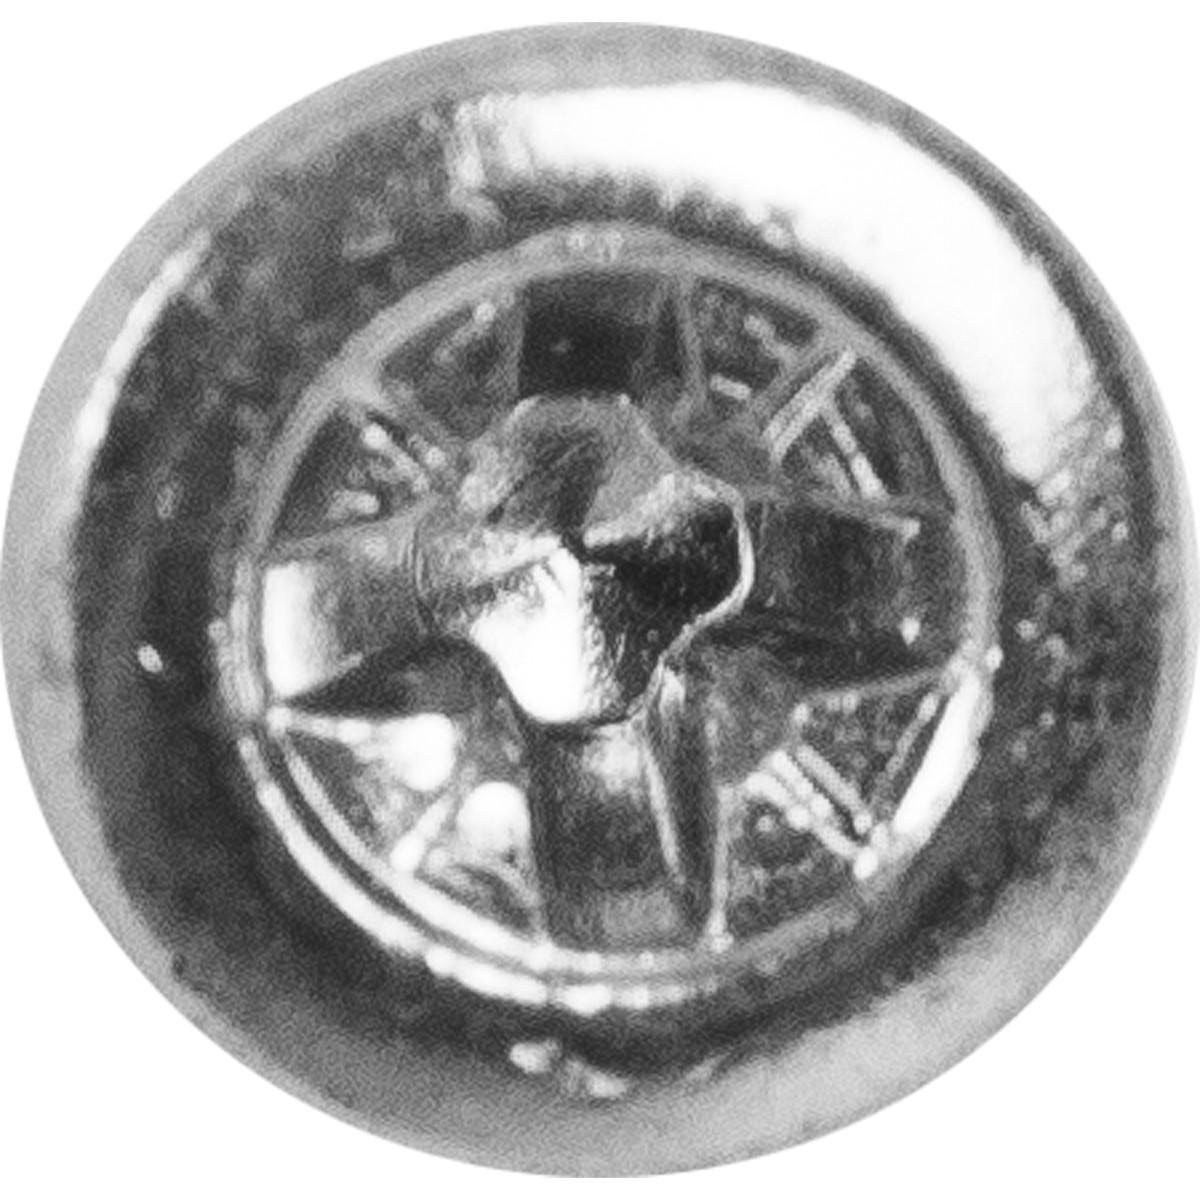 Дюбель-Гвоздь С Цилиндрической Манжетой Standers 6 X 60 Нейлон 100